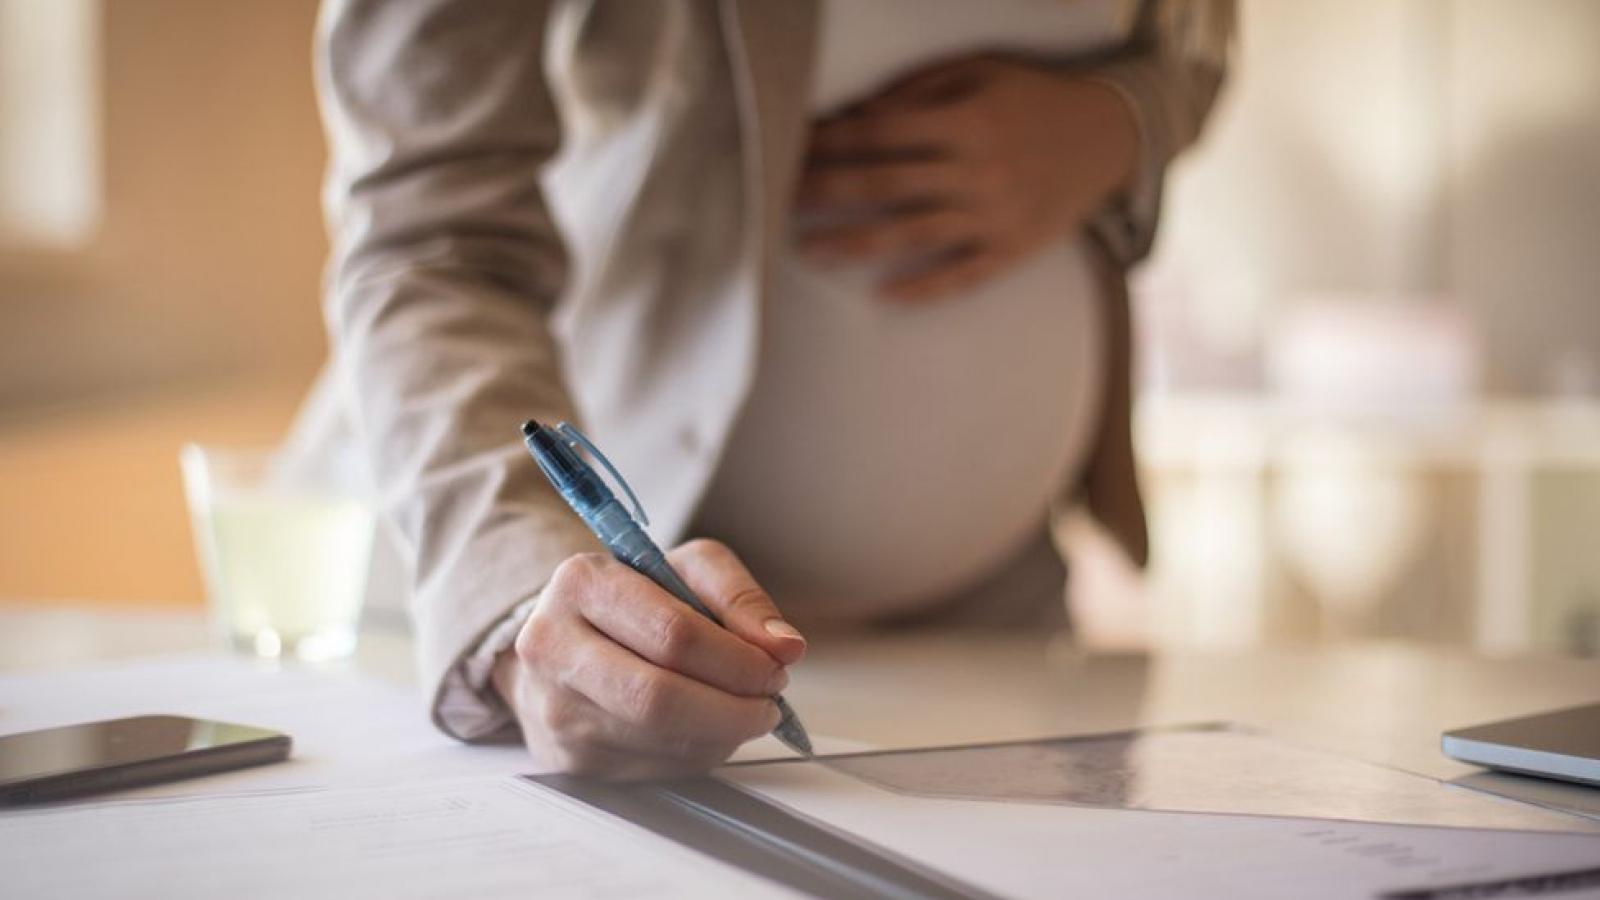 Bác sĩ đường dây mang thai hộ không có giấy phép hành nghề